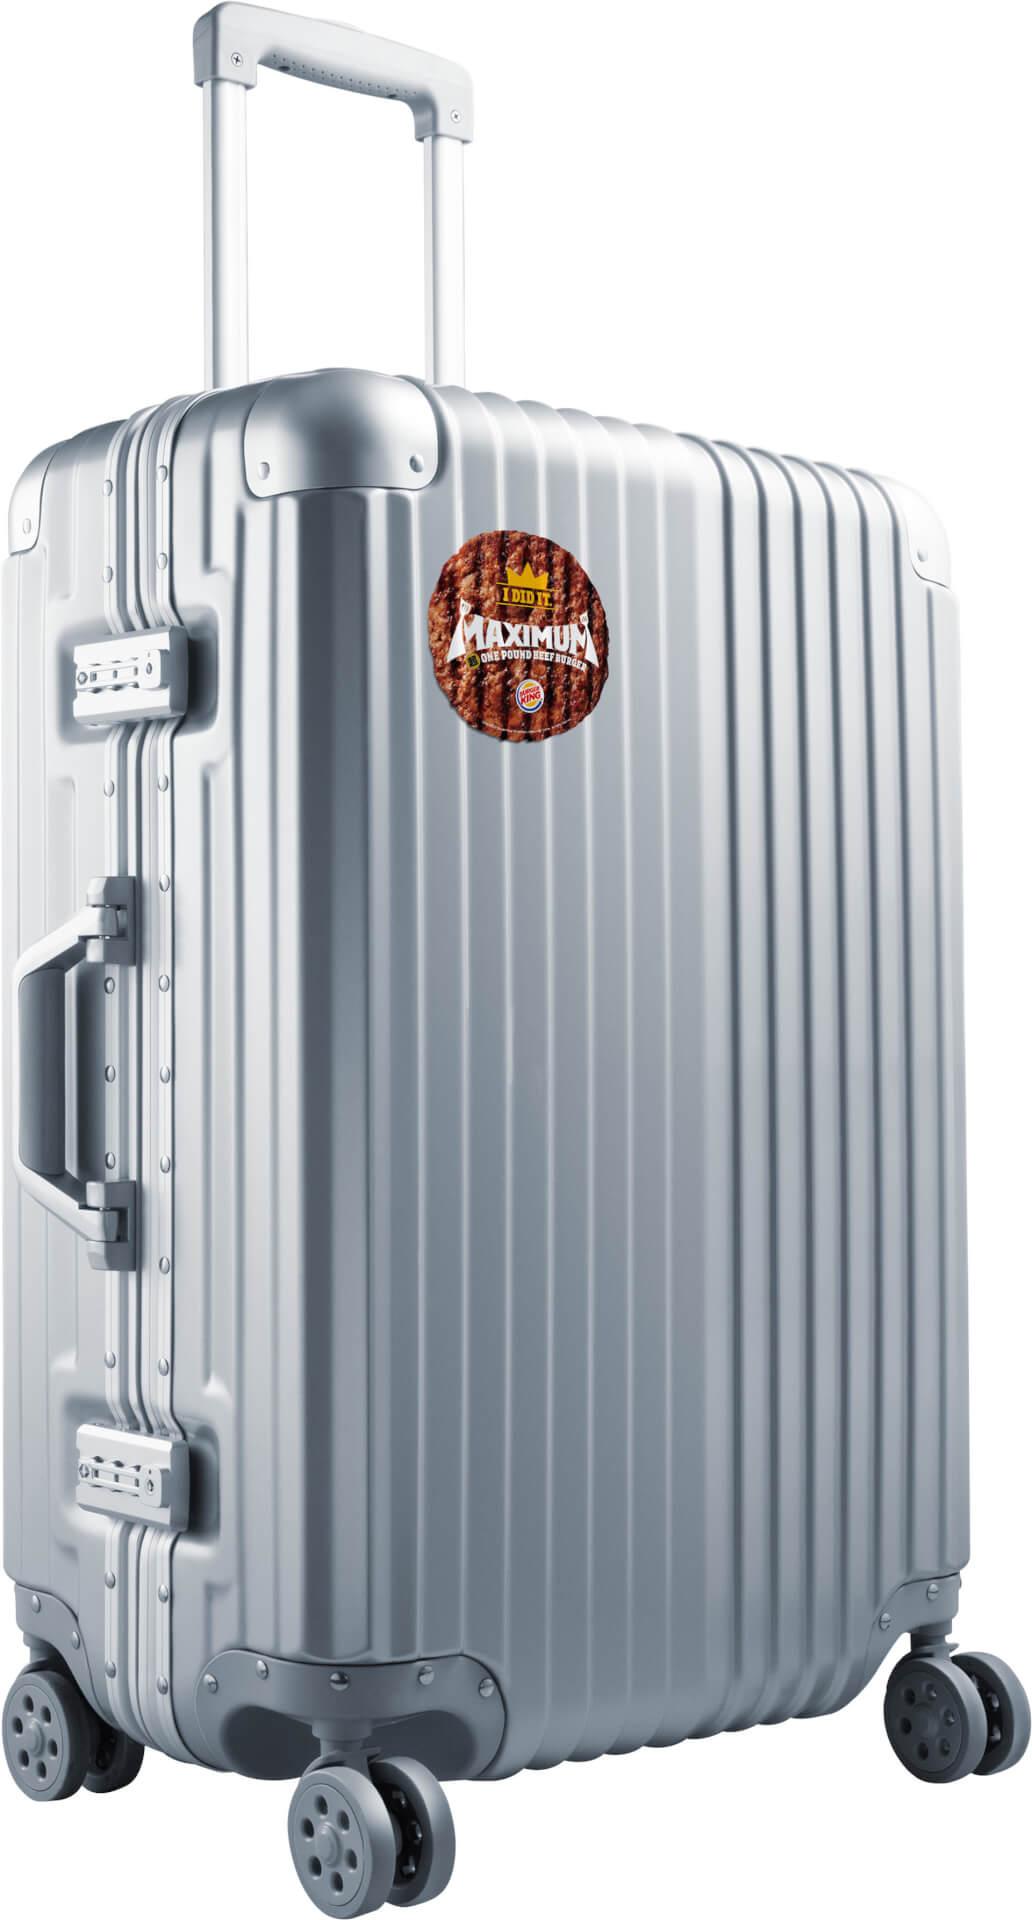 バーガーキングの人気シリーズ・ワンパウンドビーフバーガーが超パワーアップ!総重量607gの『マキシマム超ワンパウンドビーフバーガー』が数量限定発売 gourmet200721_burgerking_2